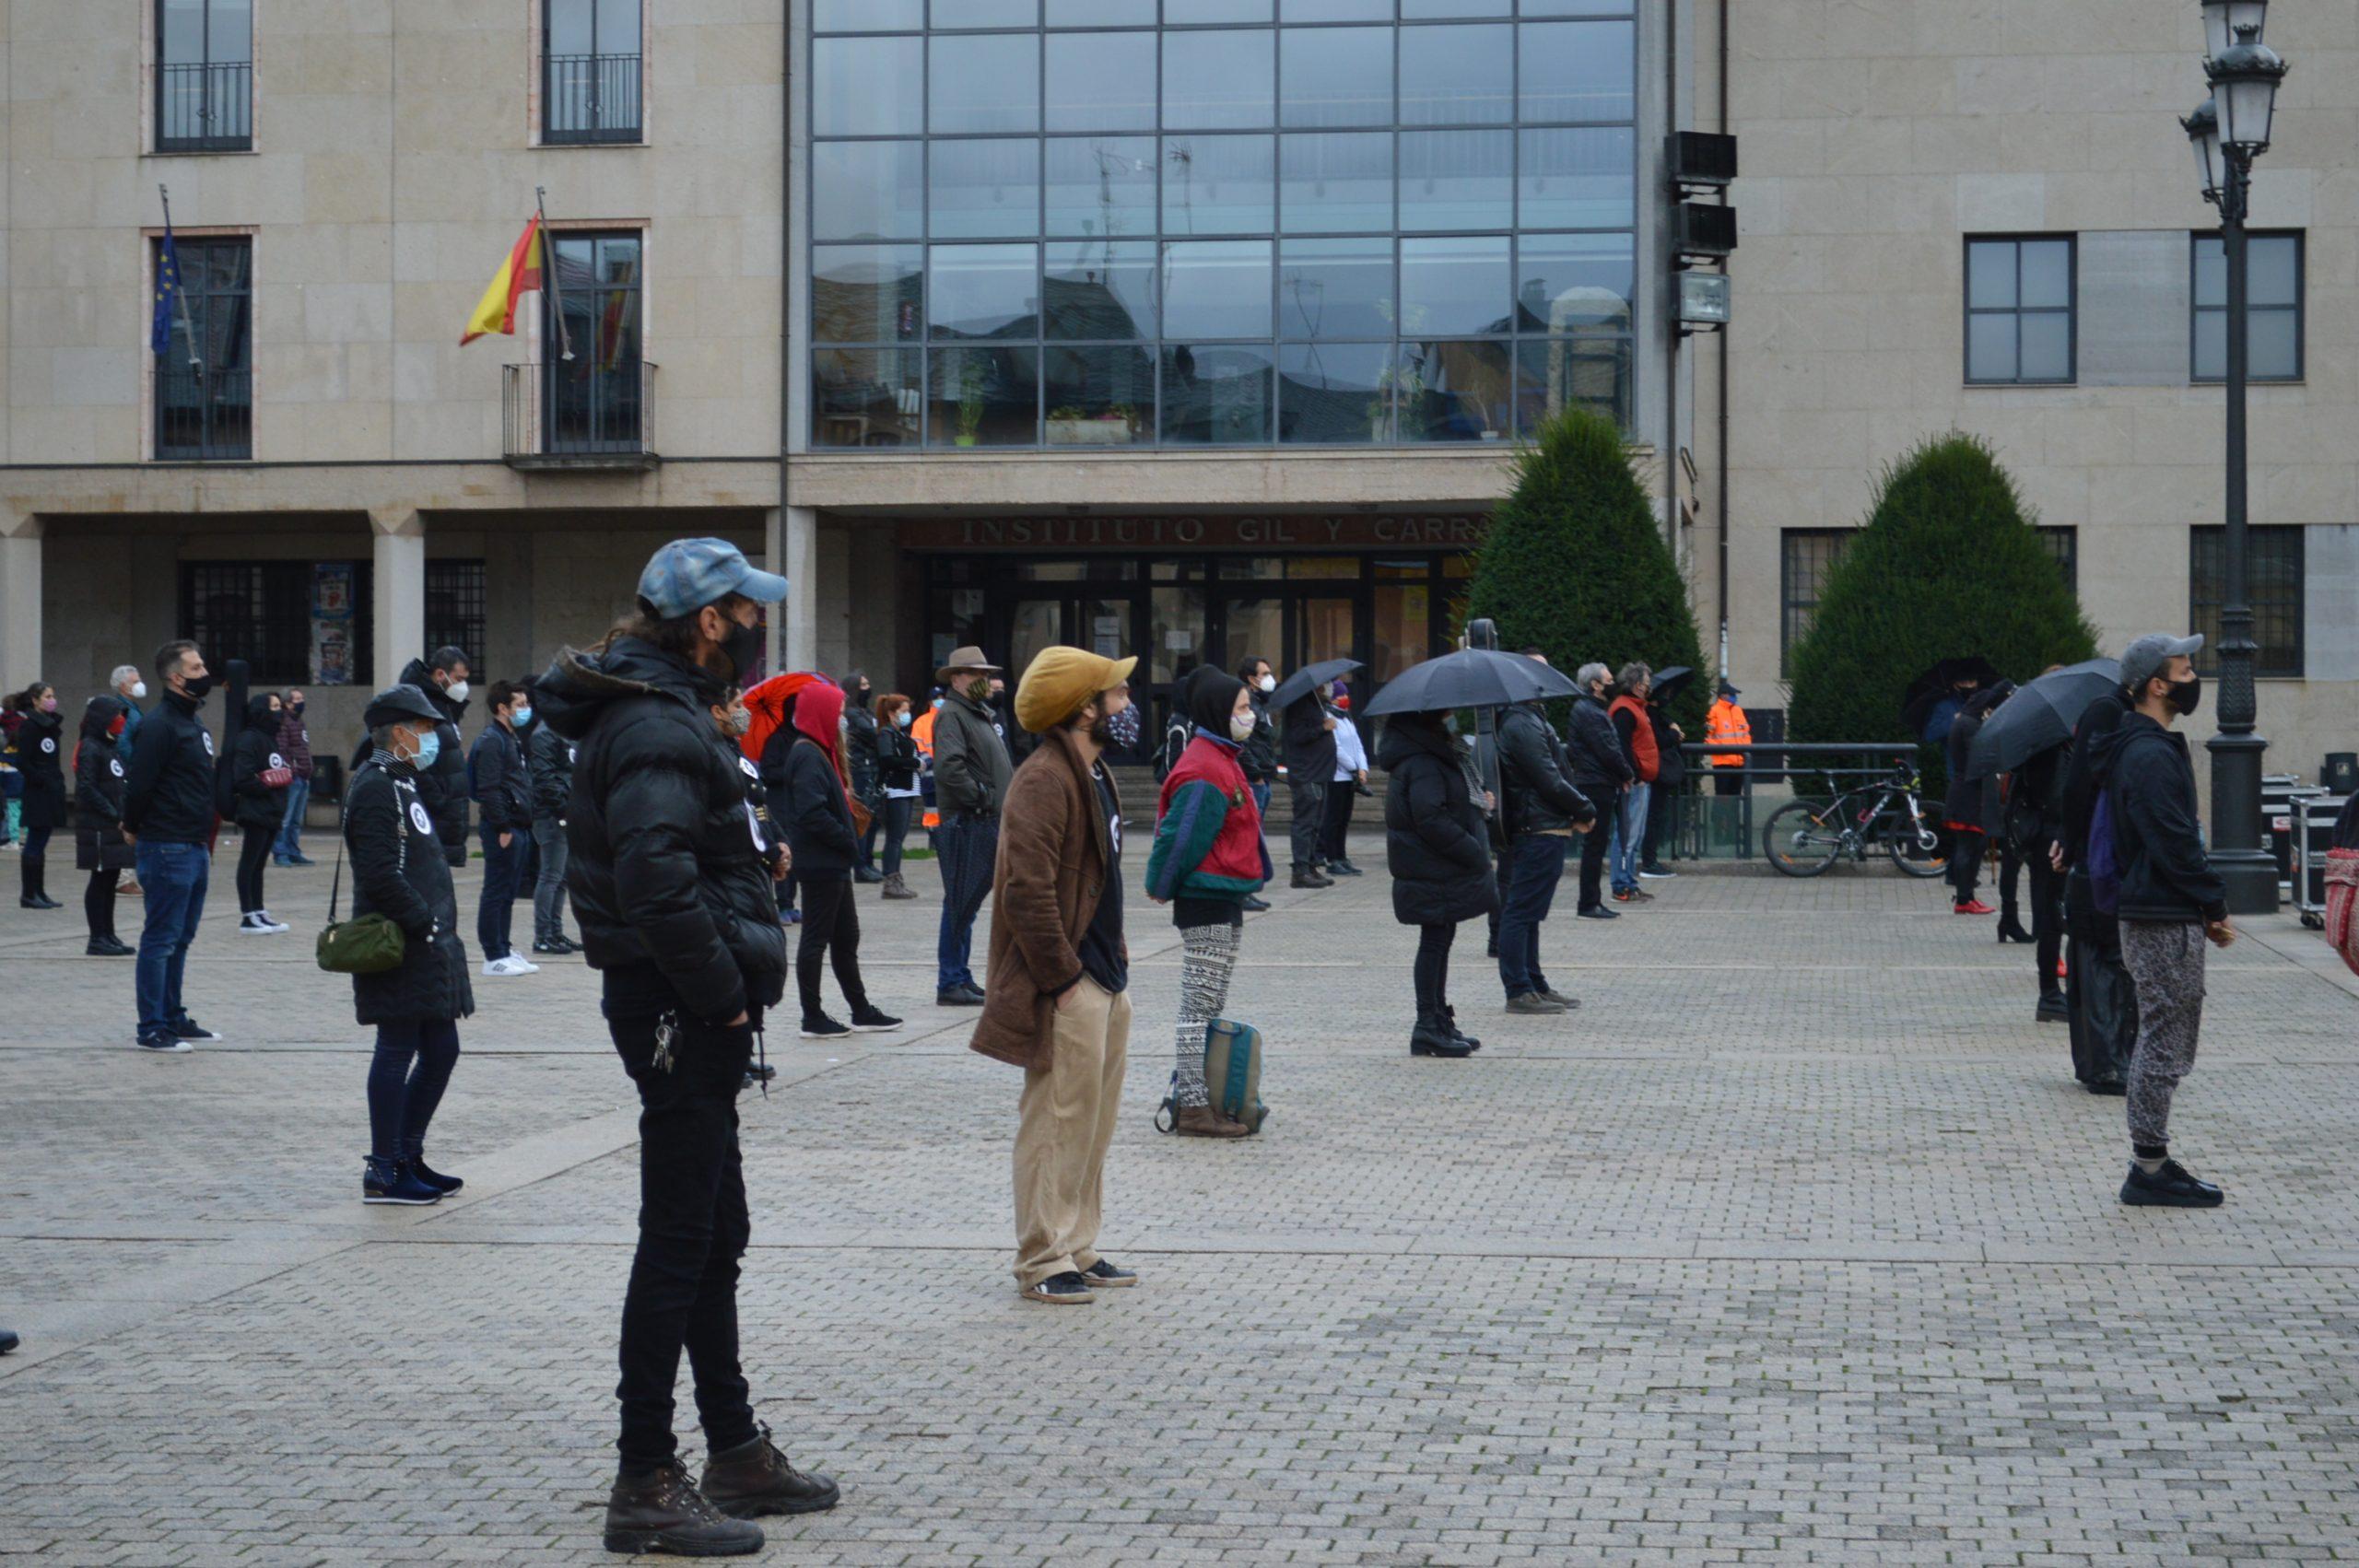 El sector de la cultura berciana activa la #alertaroja movilizándose en la plaza del Ayuntamiento de Ponferrada 16